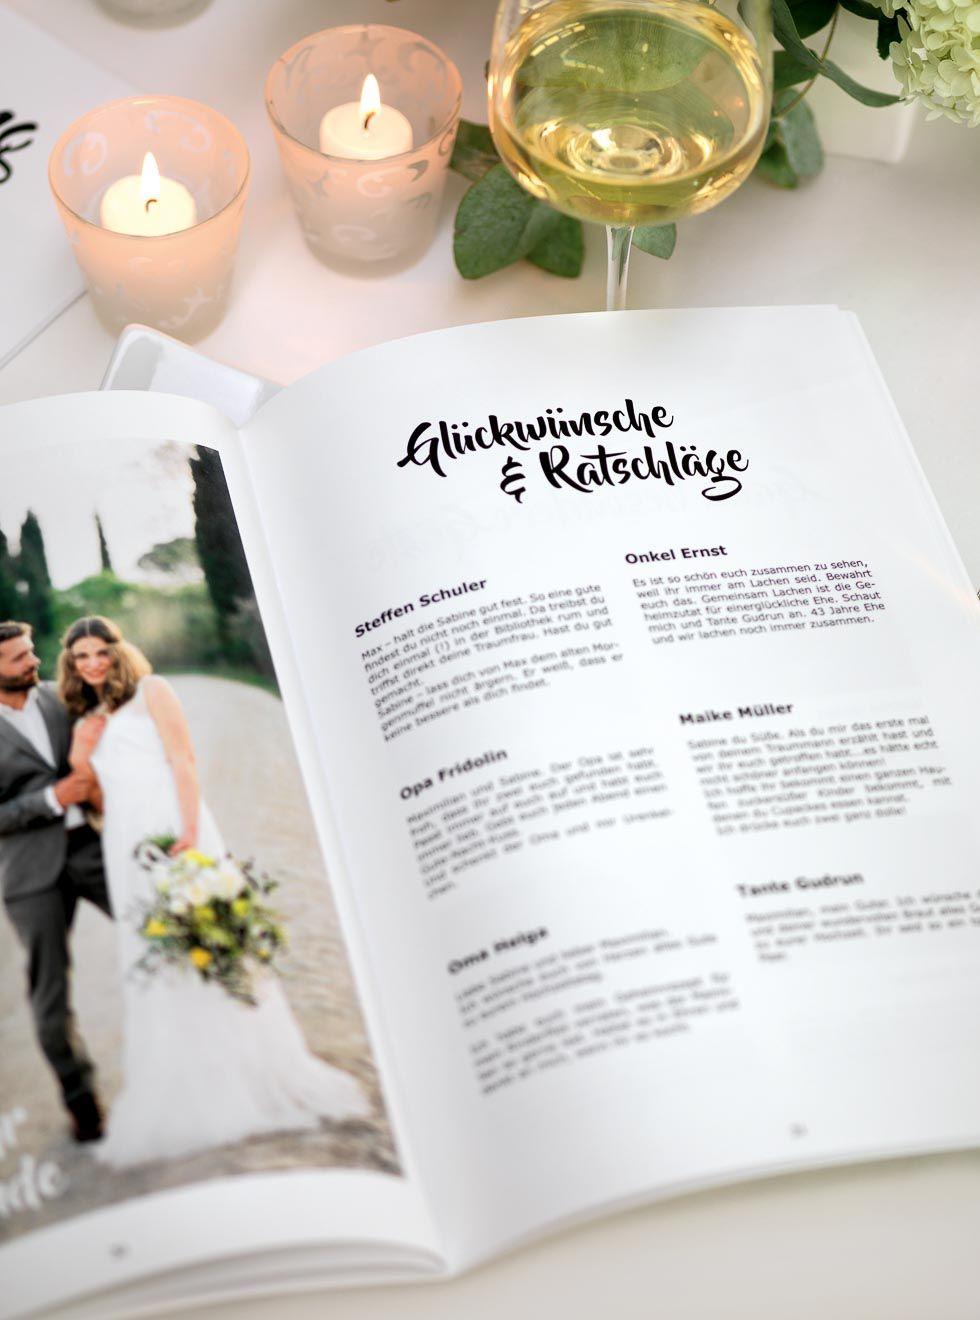 Hochzeitszeitung Vorlage Professionelles Magazin In Word Gestalten Hochzeitszeitung Hochzeit Broschure Hochzeit Aktionen